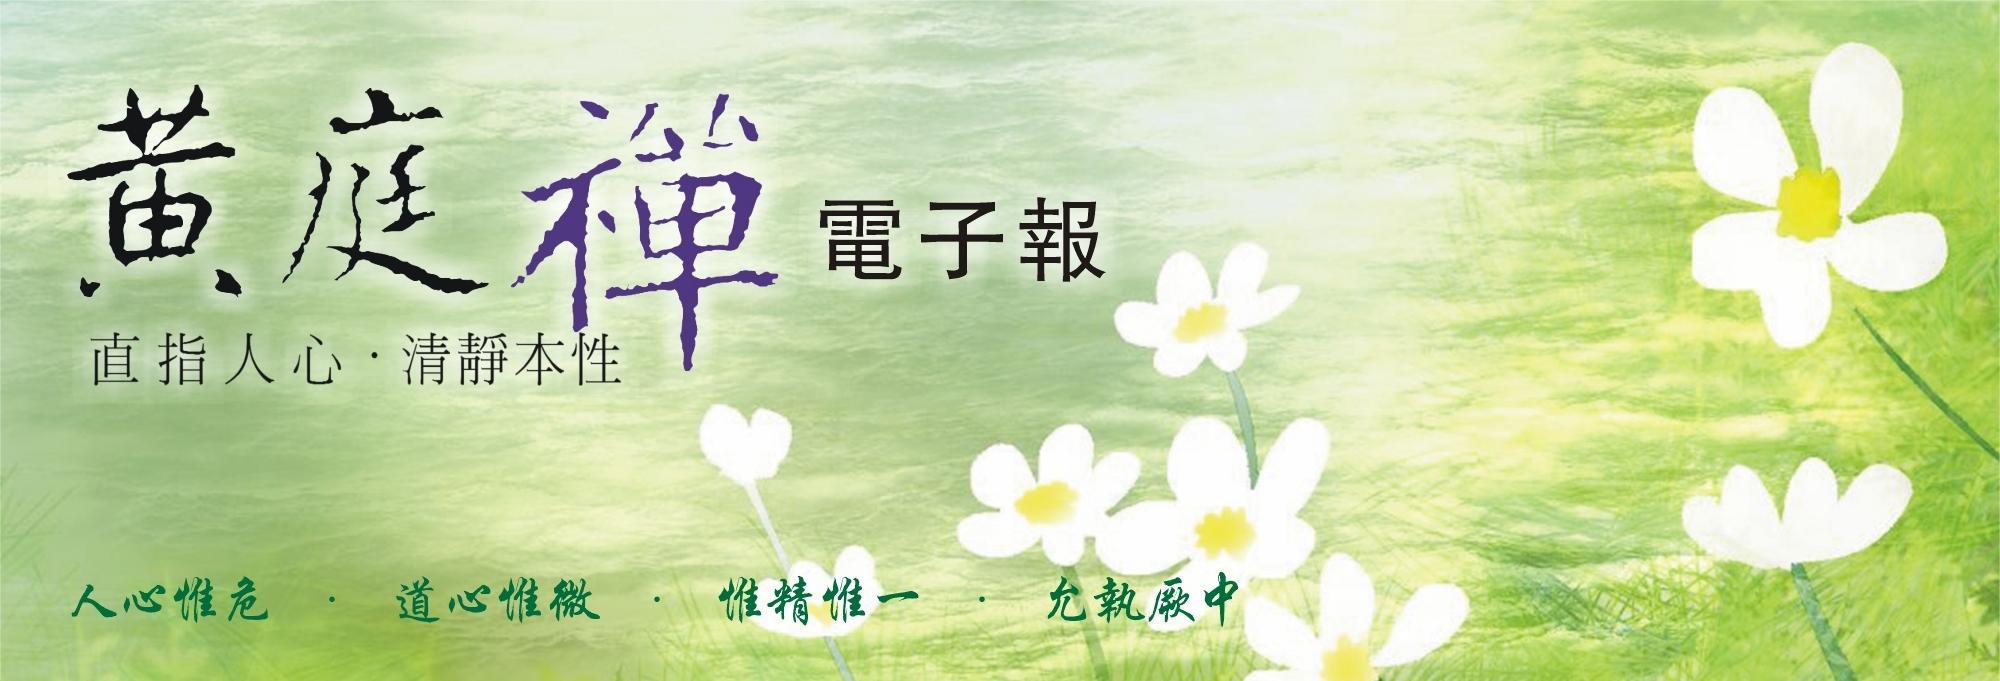 中華黃庭禪學會2017.06.21電子報